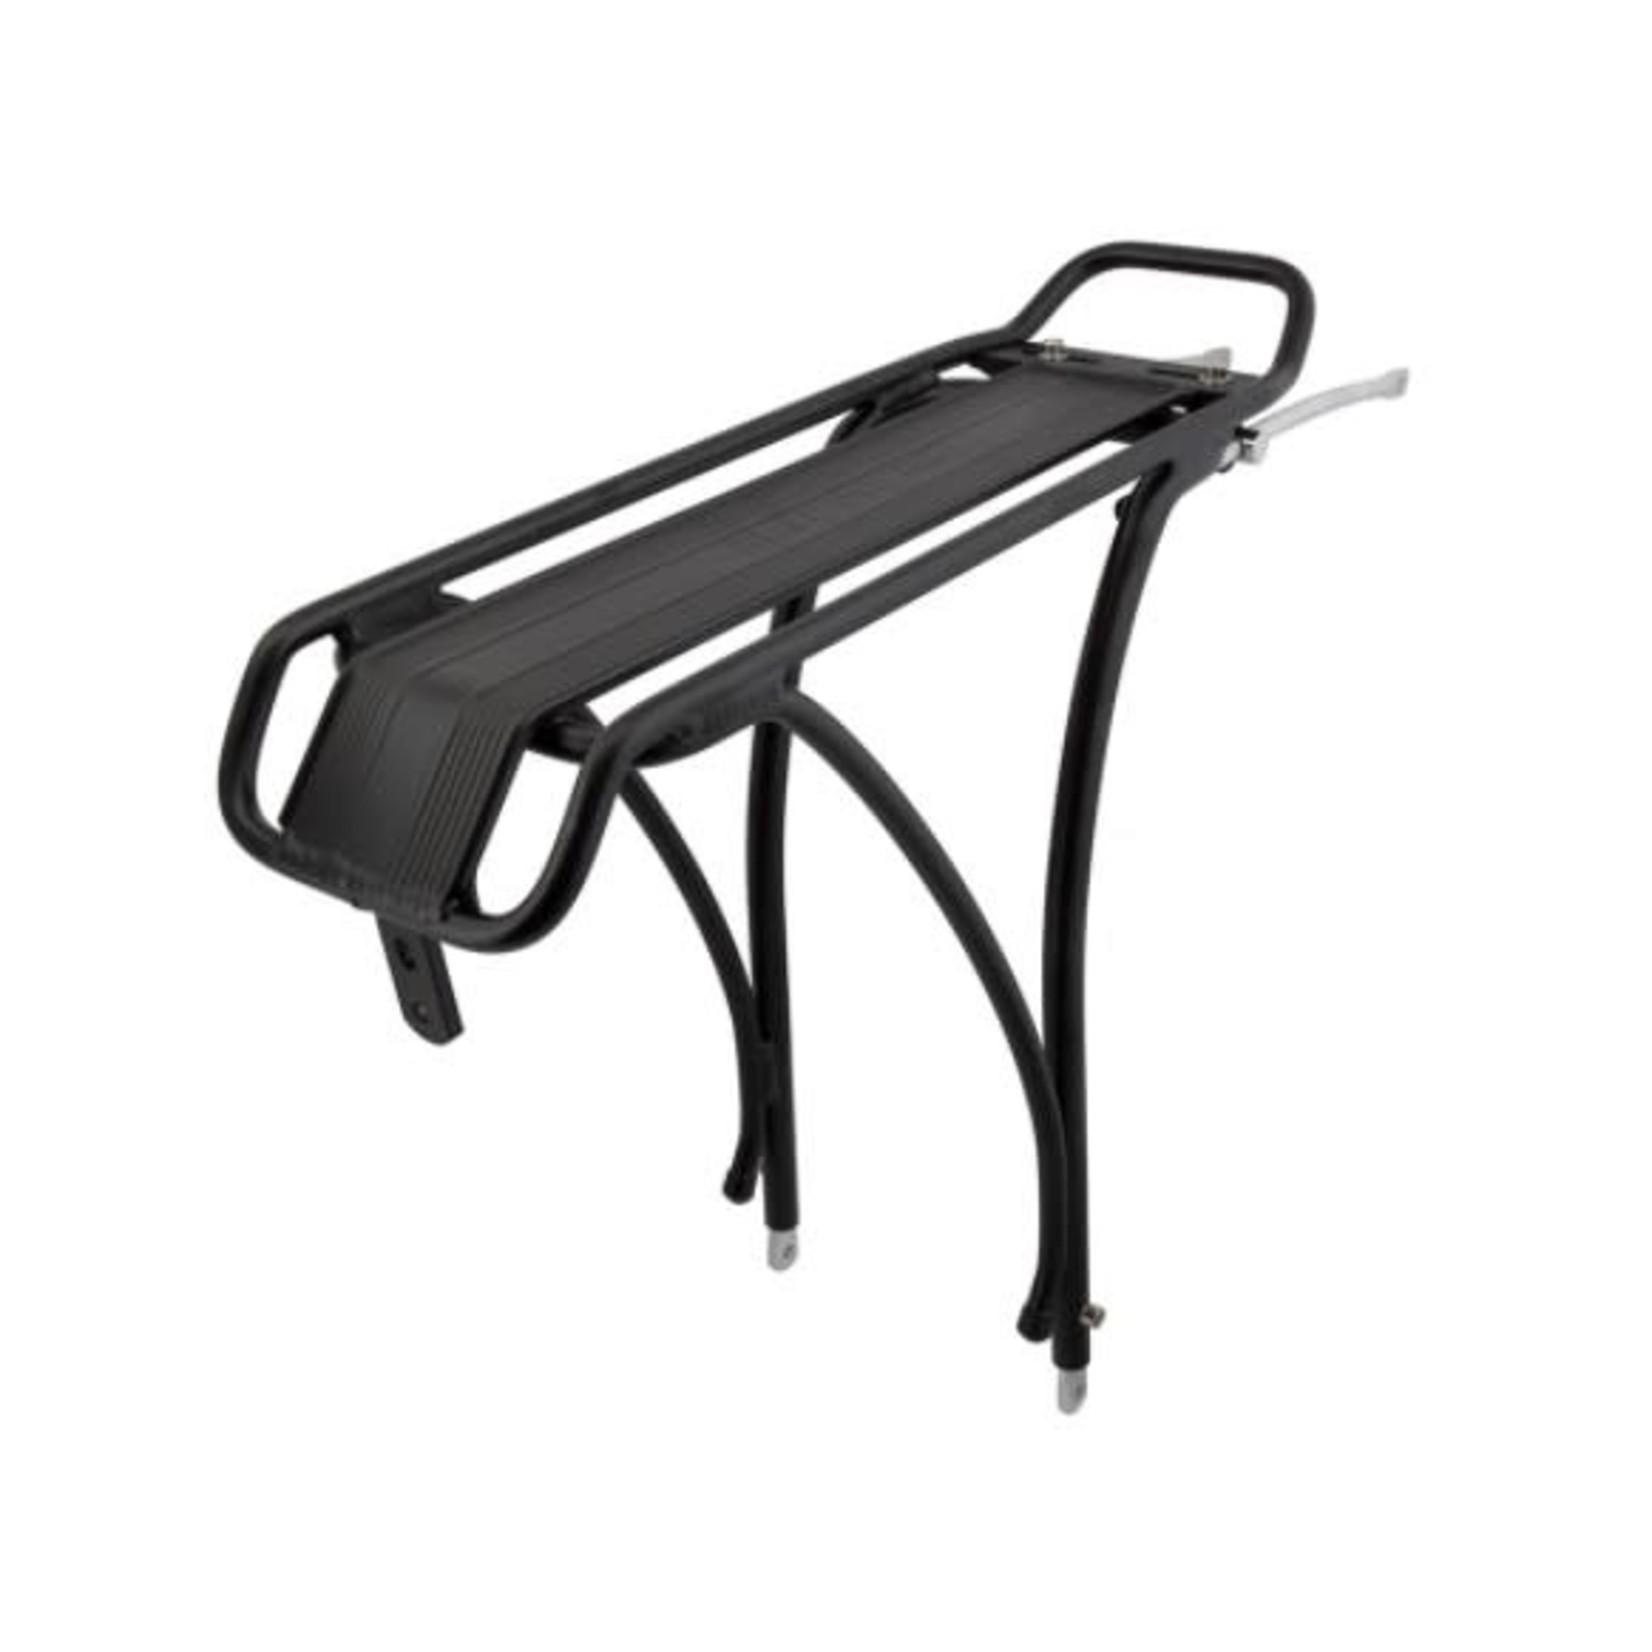 Sunlite G-Tec Lite Black Rear Rack